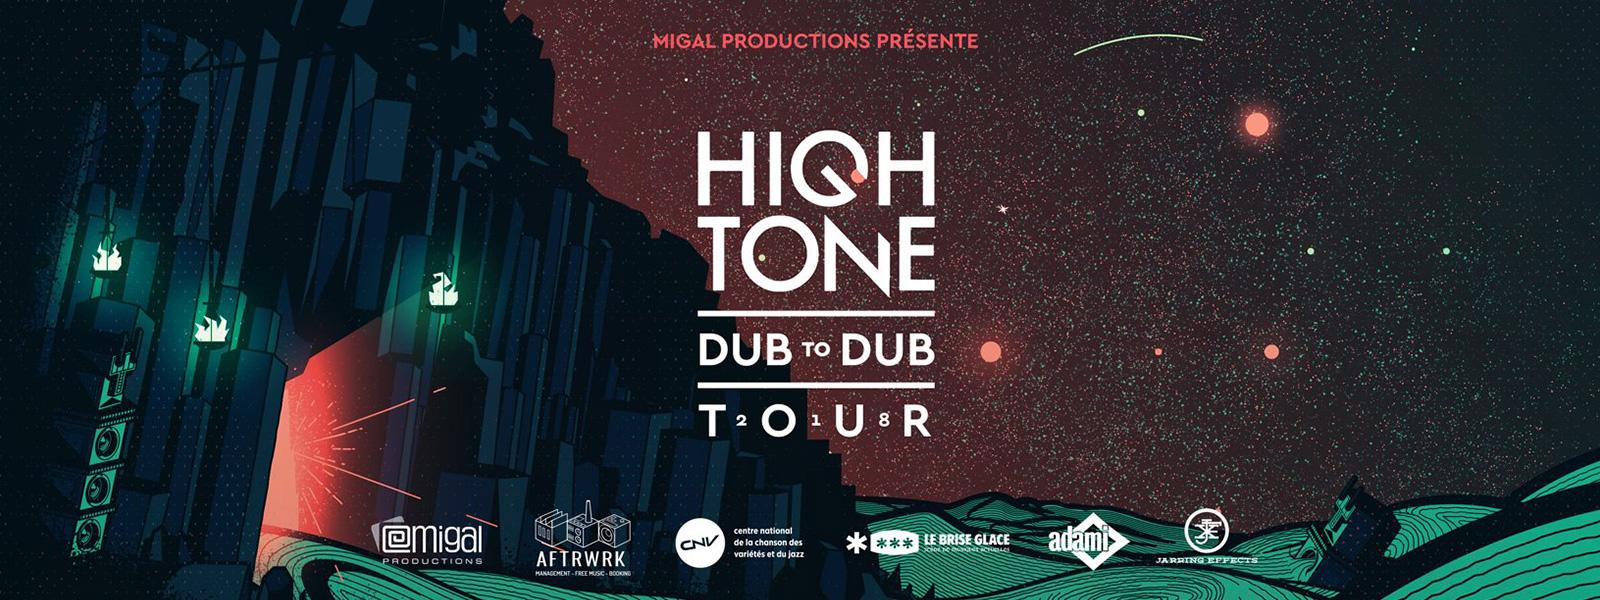 Dub to Dub Tour